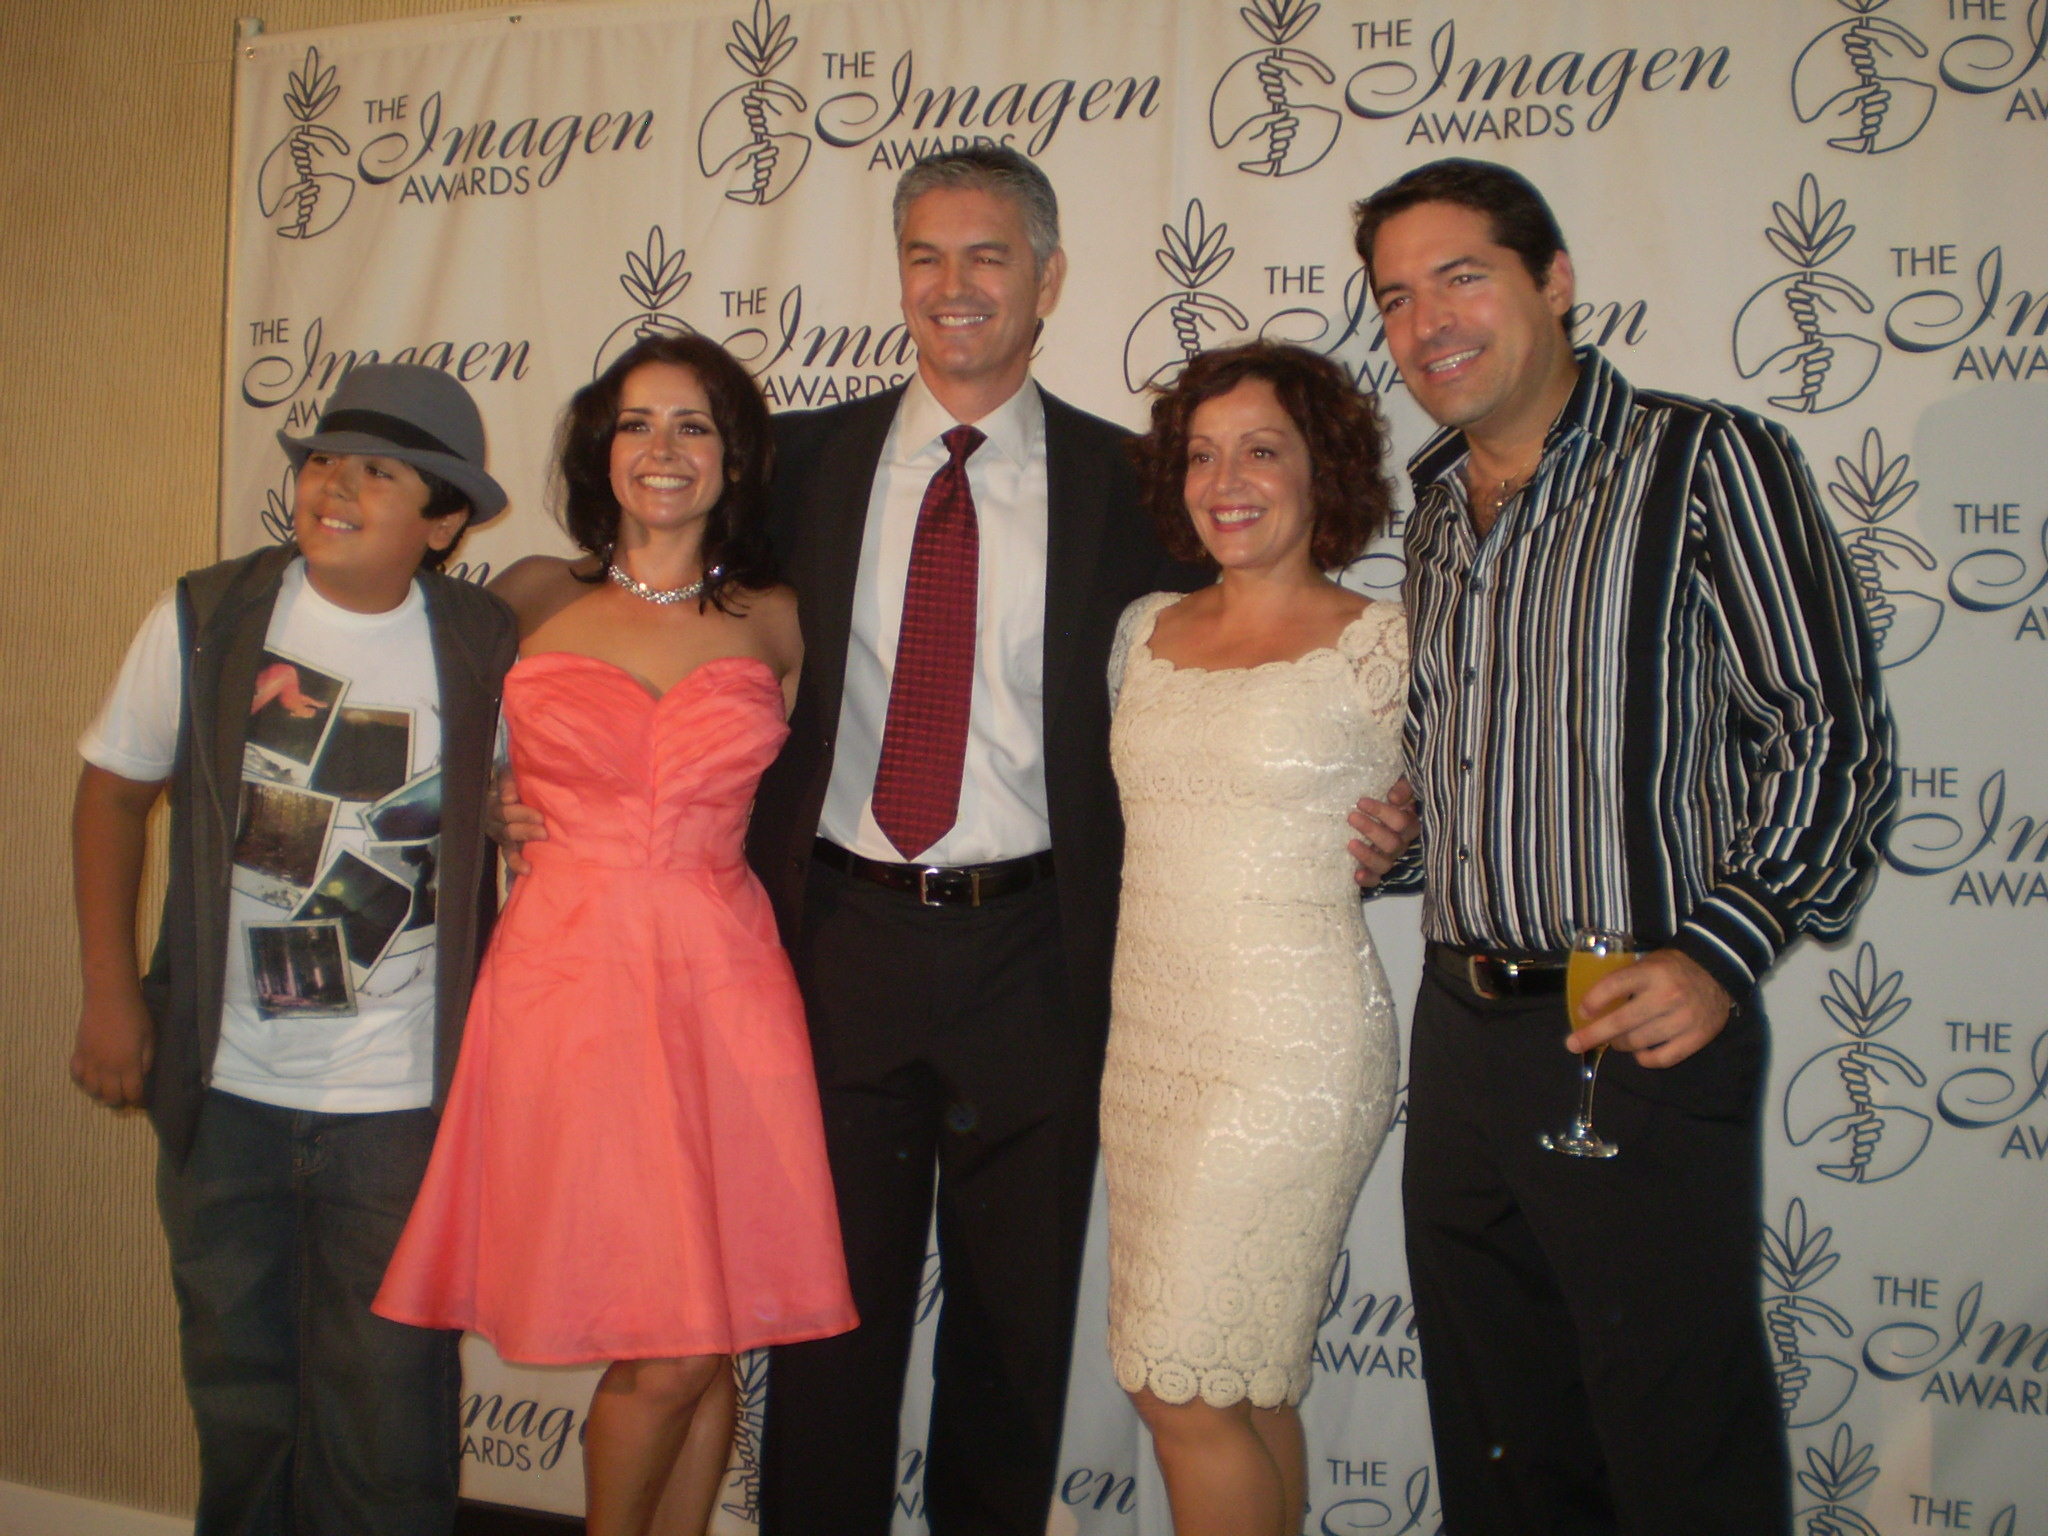 The Imagen Awards